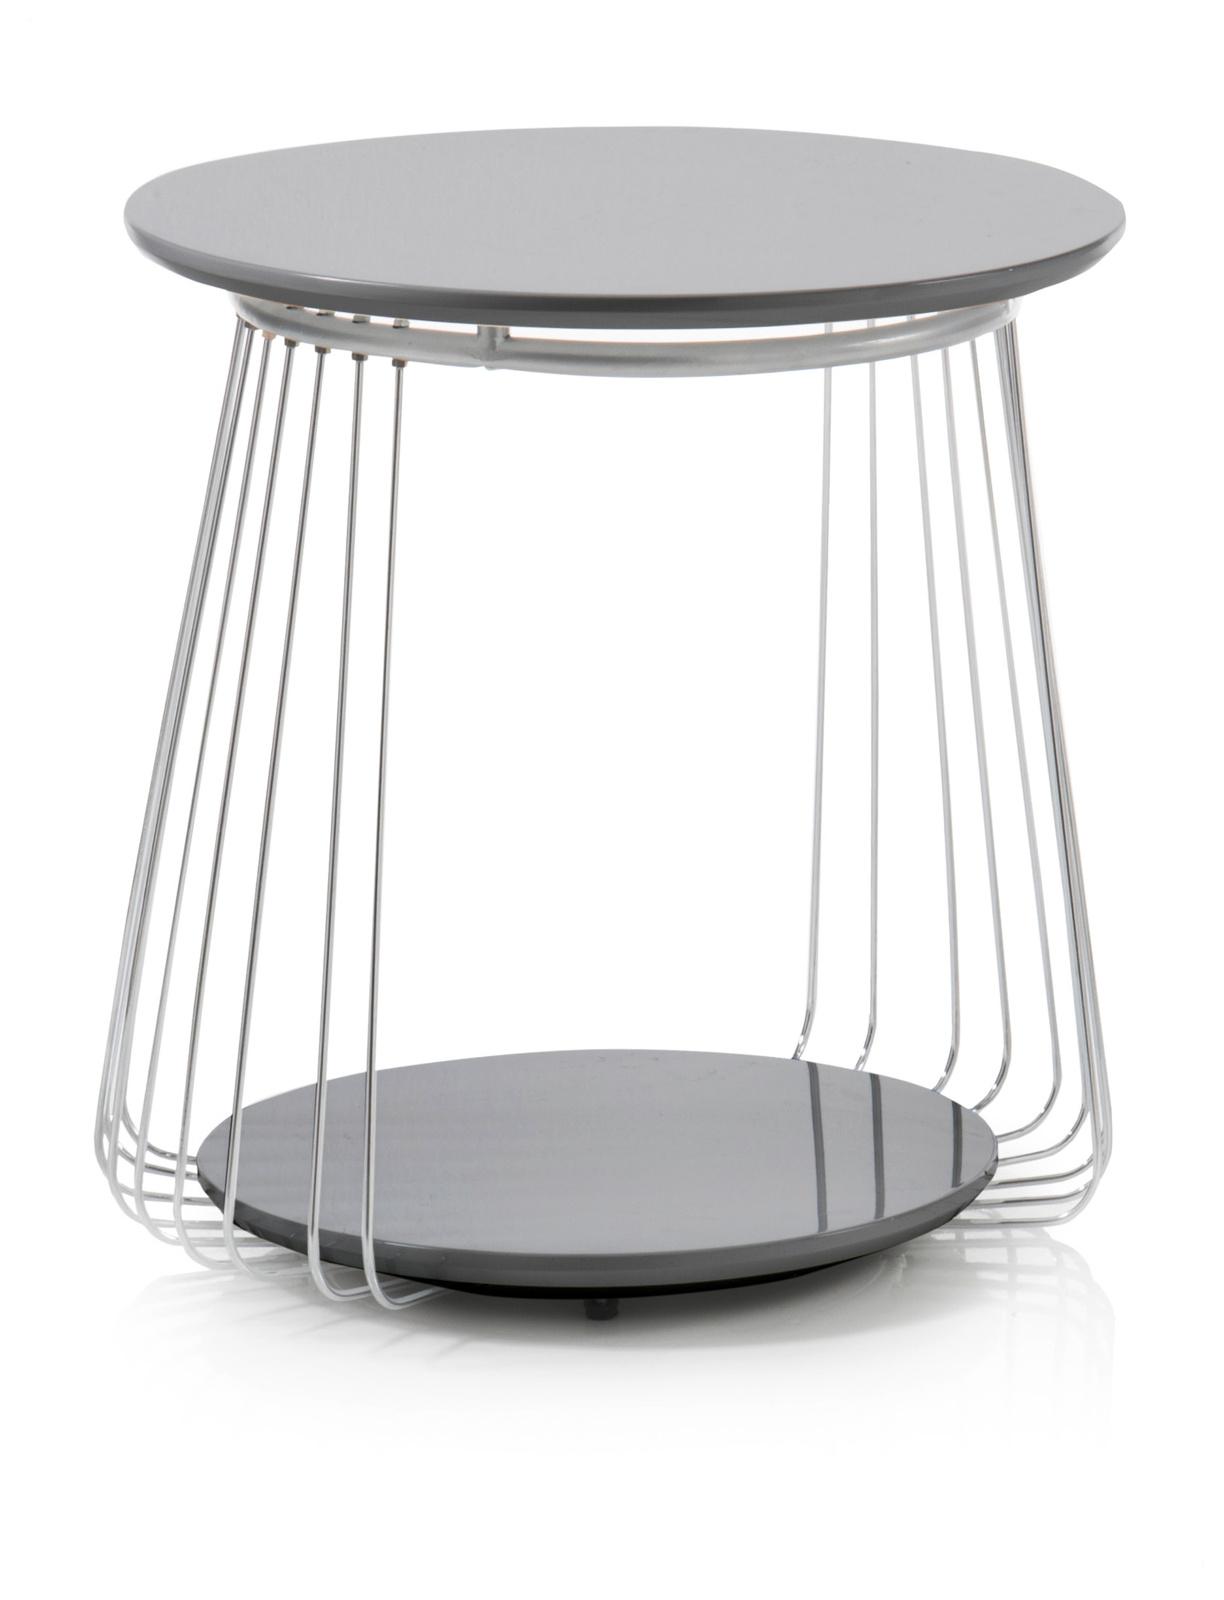 couchtisch vilnius matt schwarz 50 cm rund. Black Bedroom Furniture Sets. Home Design Ideas